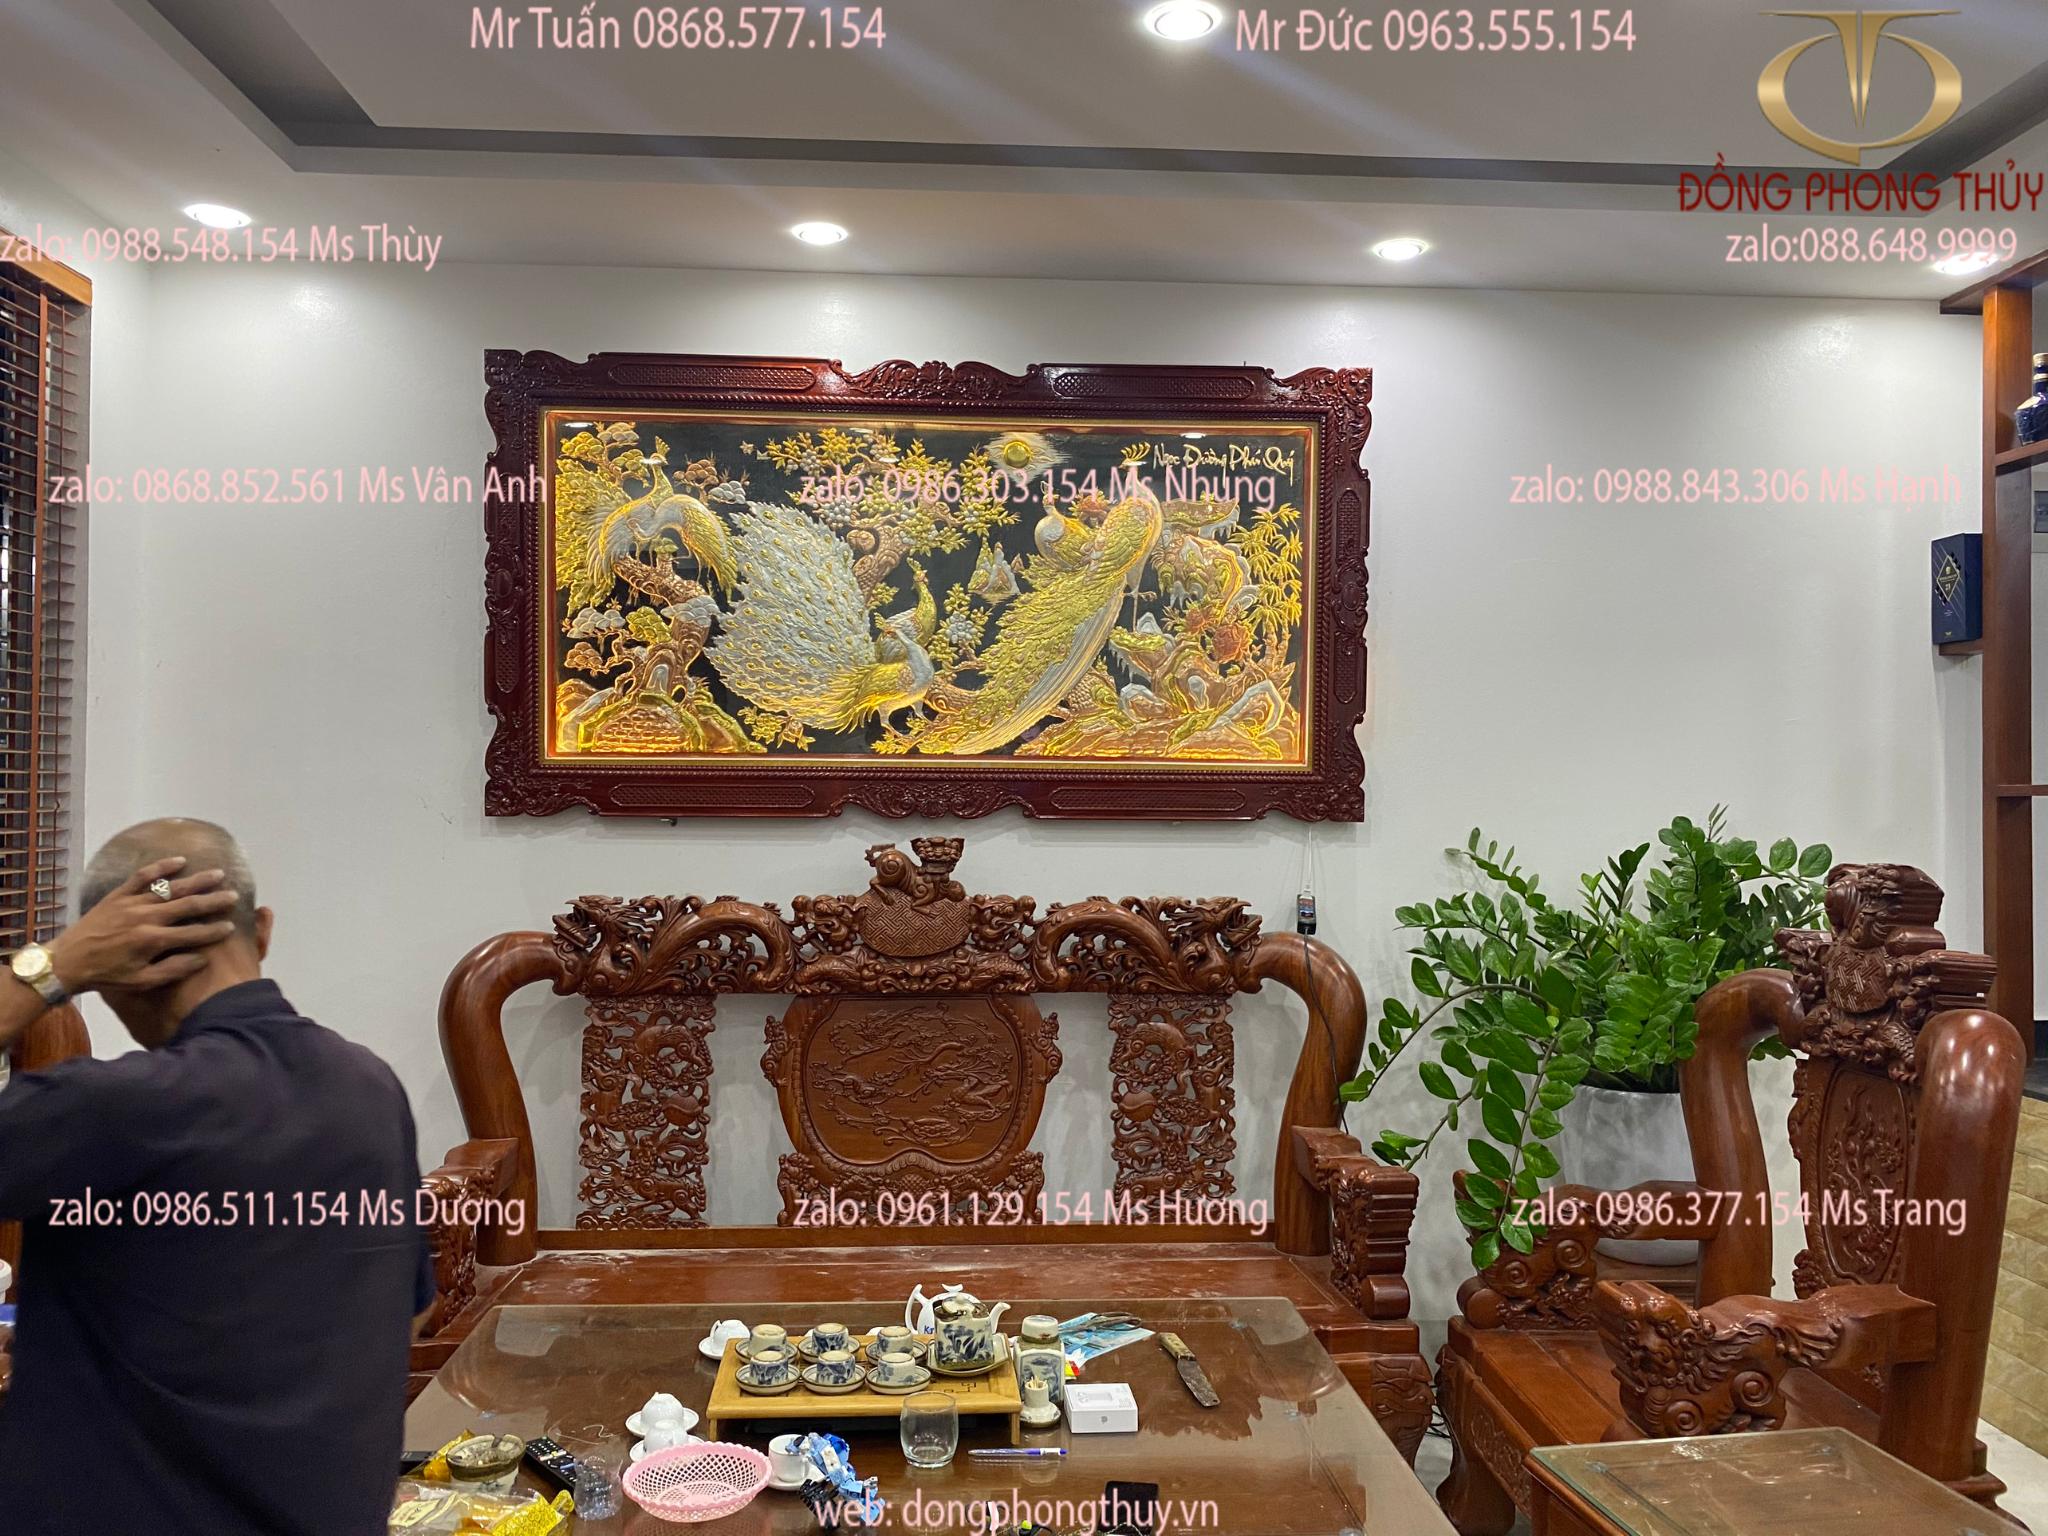 Tranh đồng Ngọc Đường Phú Quý 1m2*2m3 khung lá guột dát vàng bạc